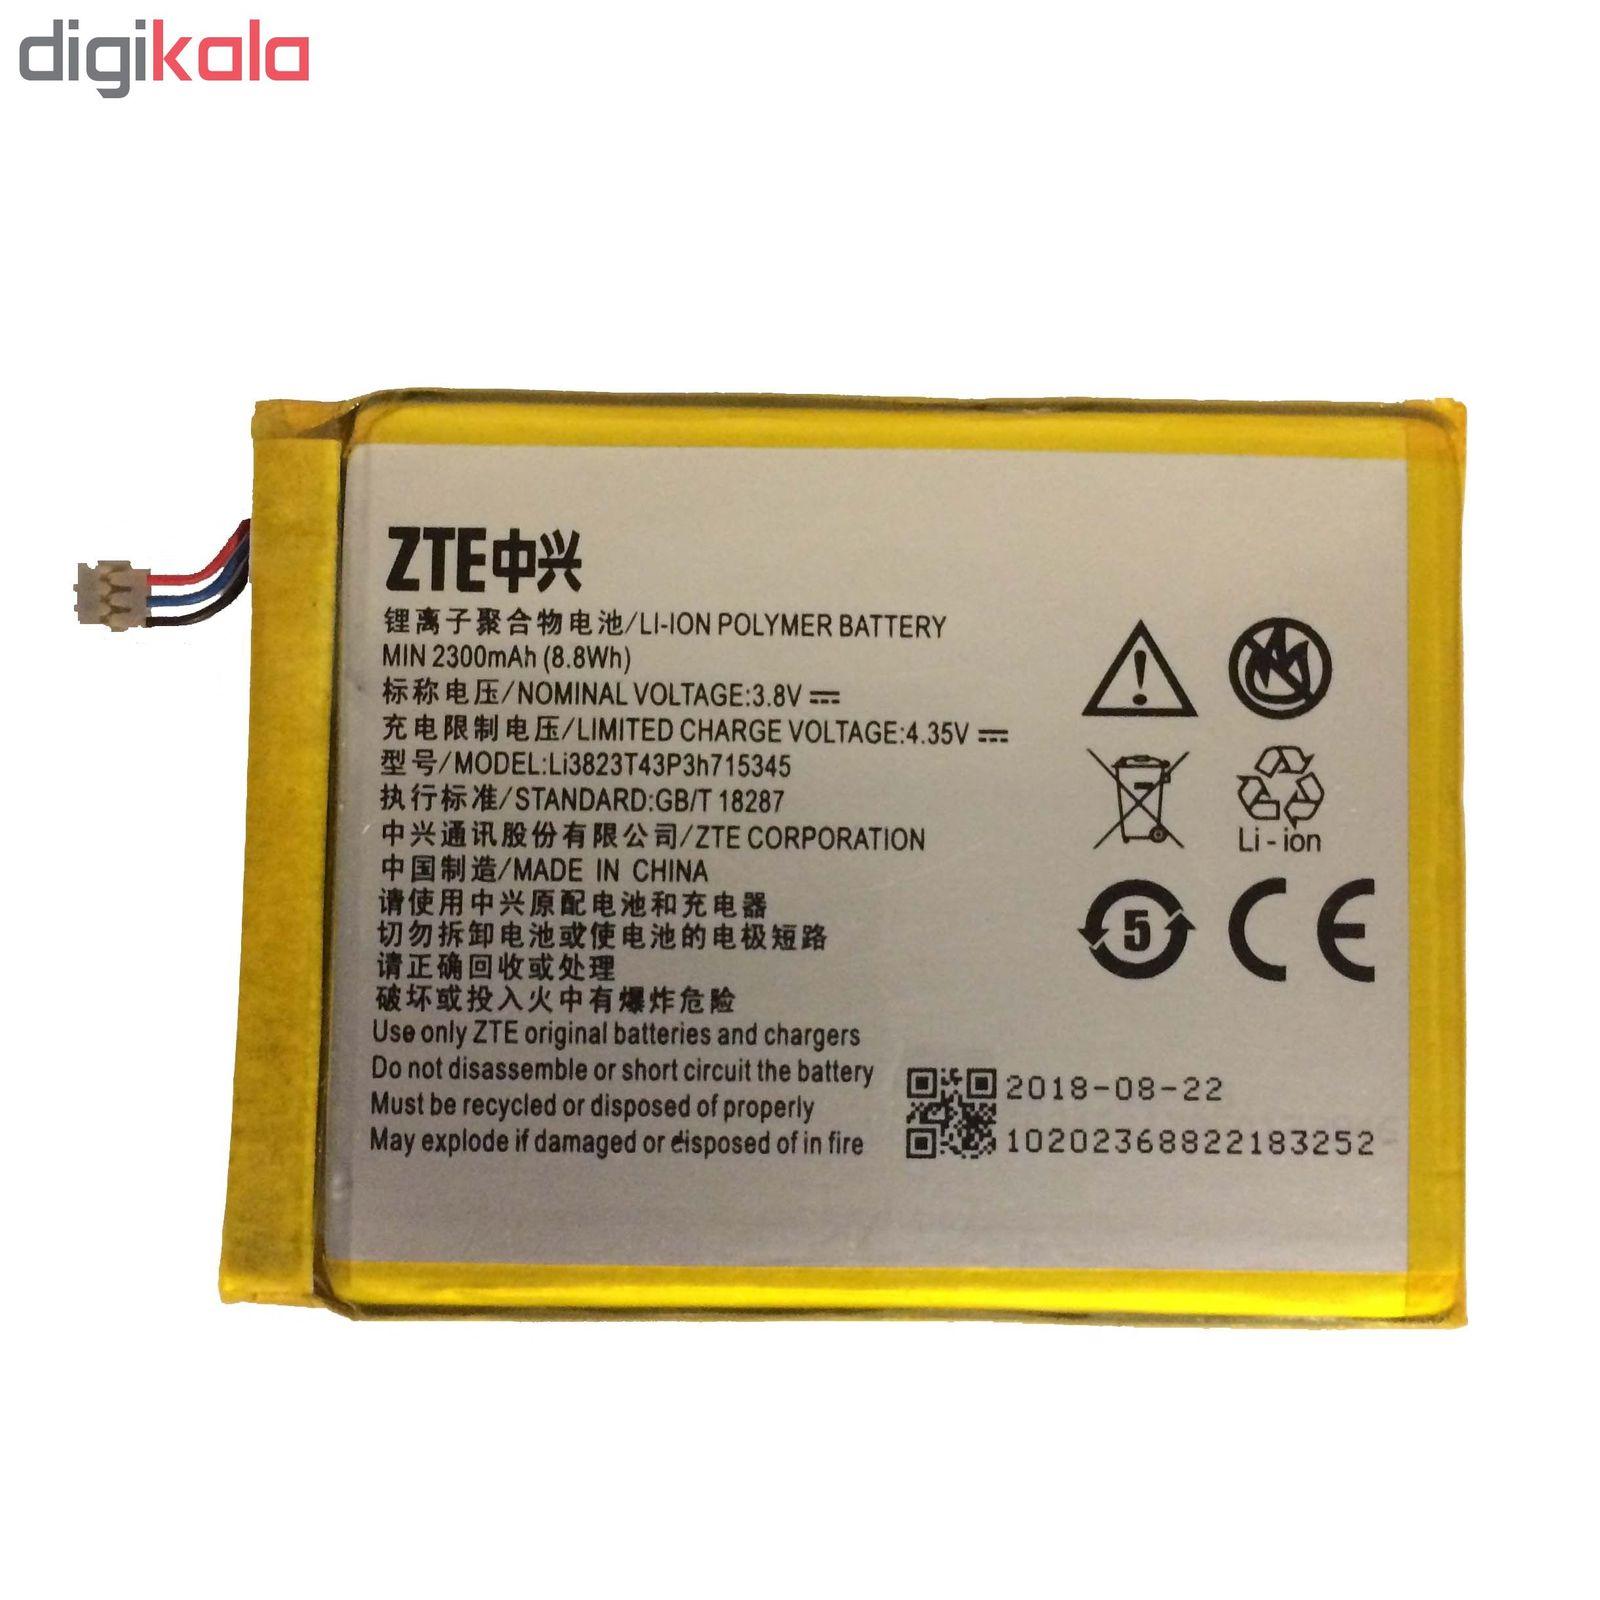 باتری  لیتیوم یون زد تی ای  مدل Li3823T43P3h715345 مناسب برای مودم همراه ایرانسل  MF910 main 1 1